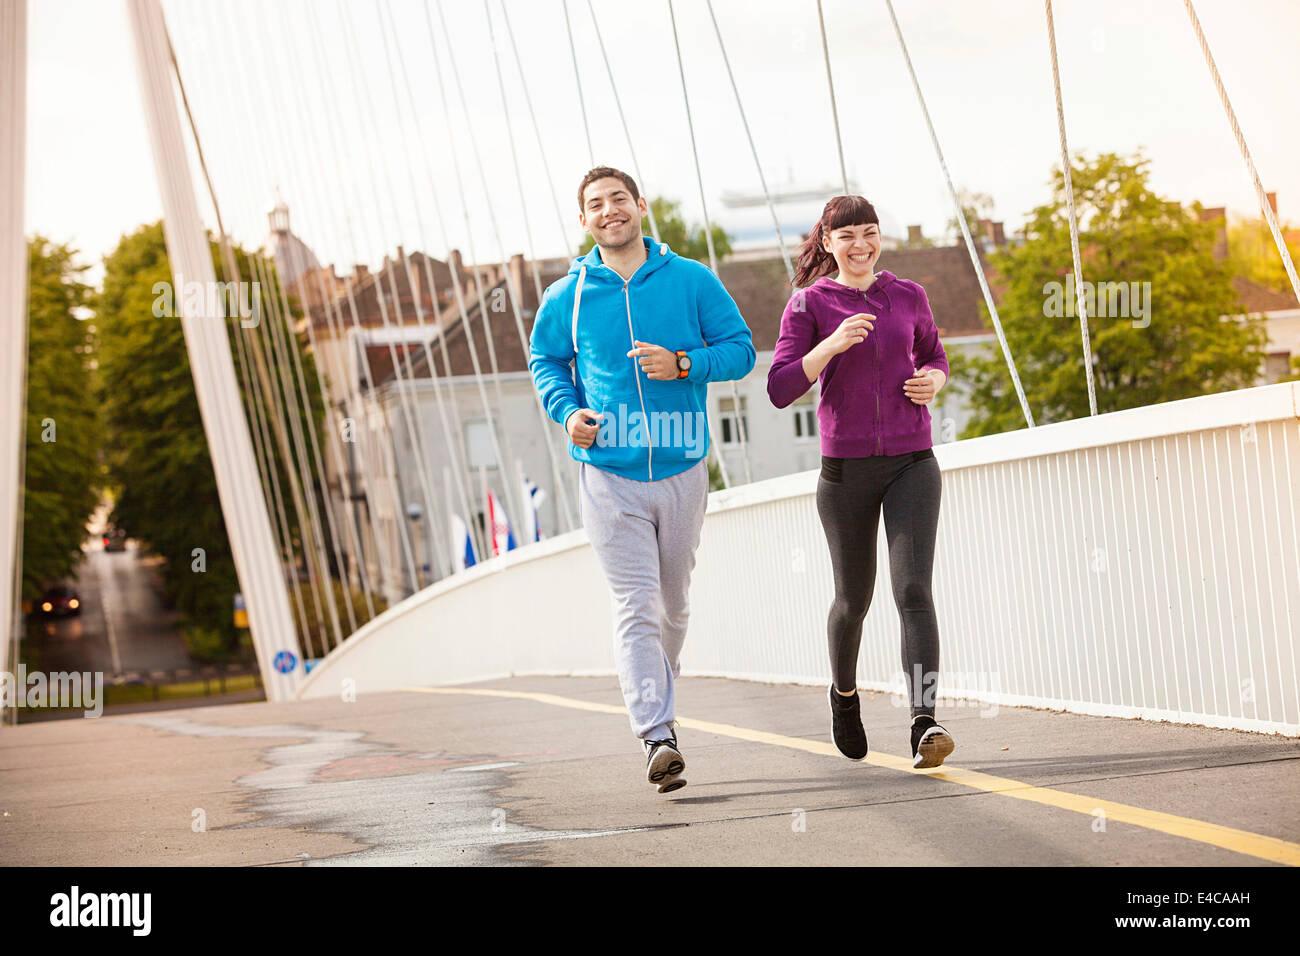 Jeune couple jogging sur le pont, Osijek, Croatie Photo Stock